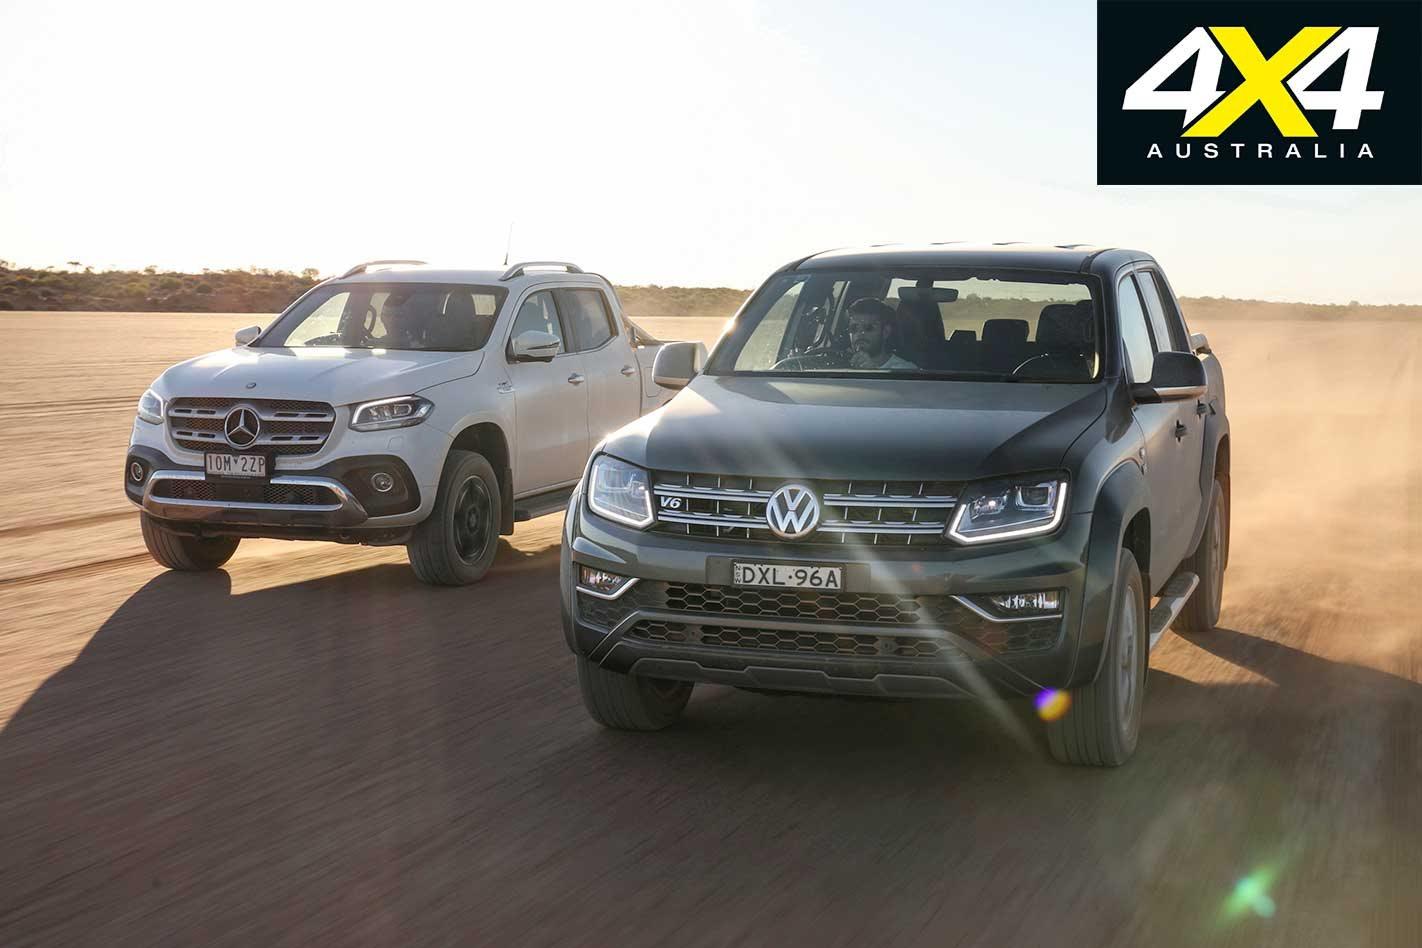 2c6aadf576 2019 Volkswagen Amarok Ultimate 580 vs Mercedes-Benz X350d comparison 4x4  review